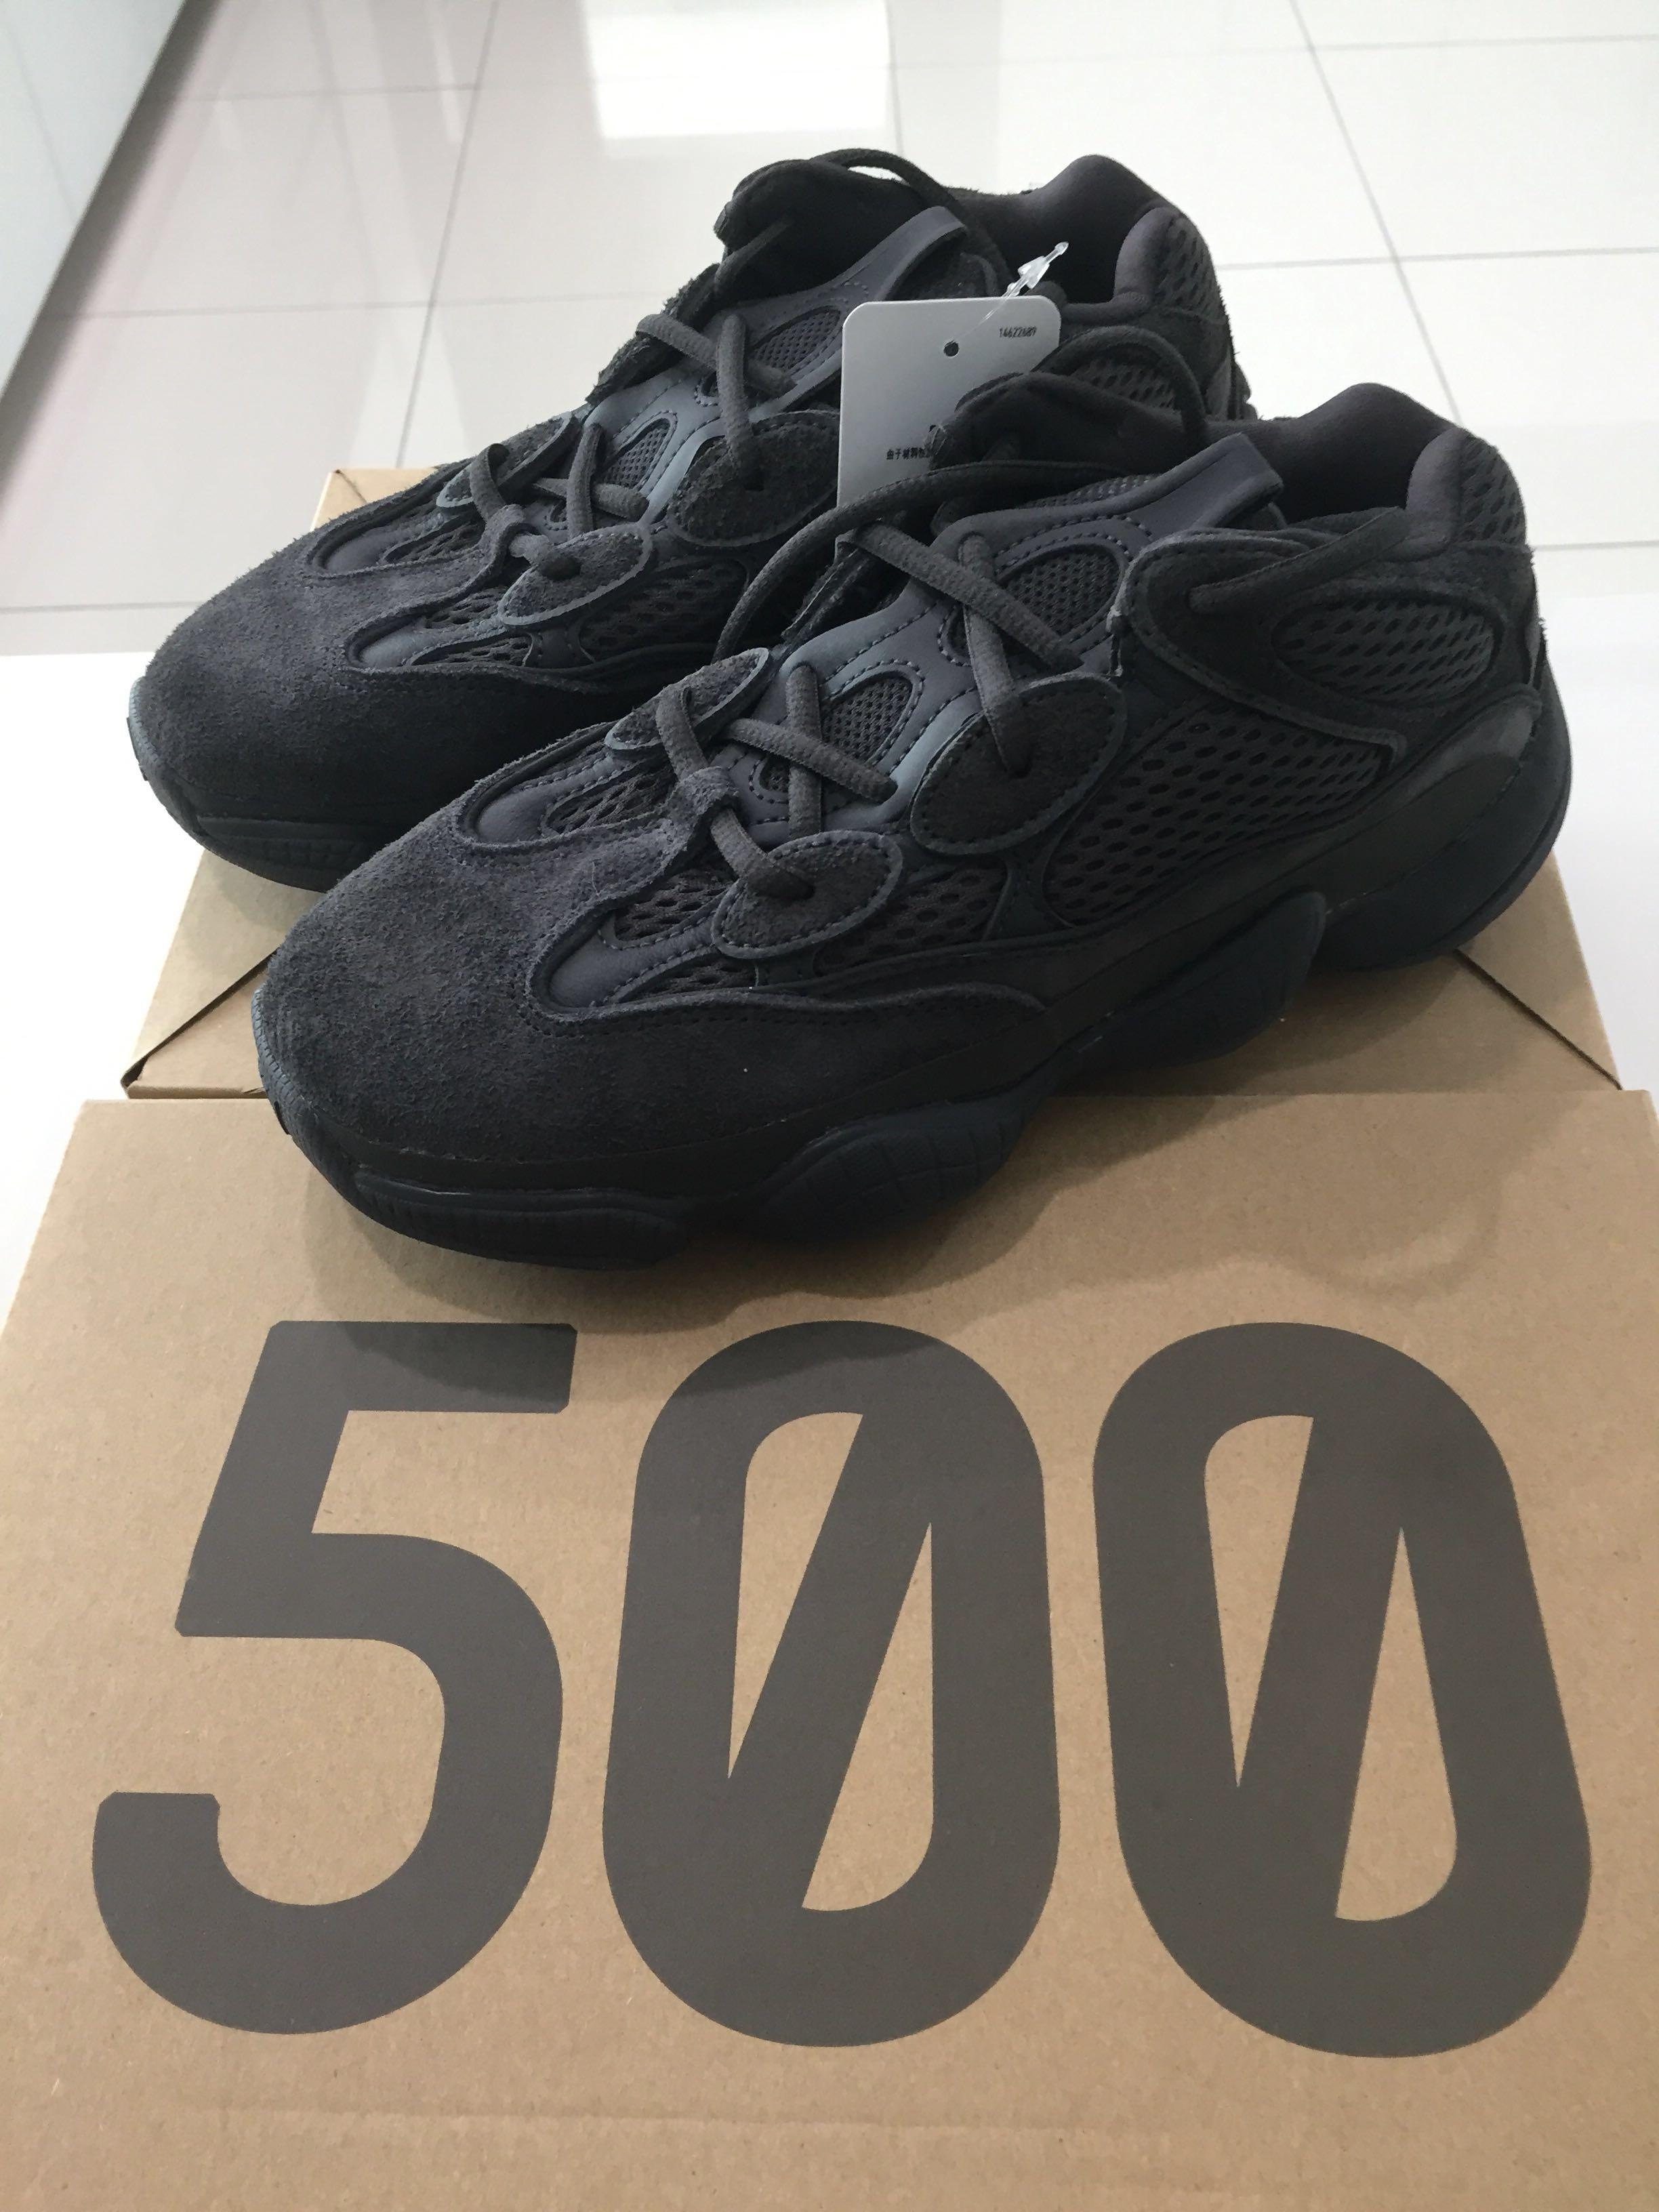 827f32b27925b Adidas Yeezy 500 Utility Black F36640